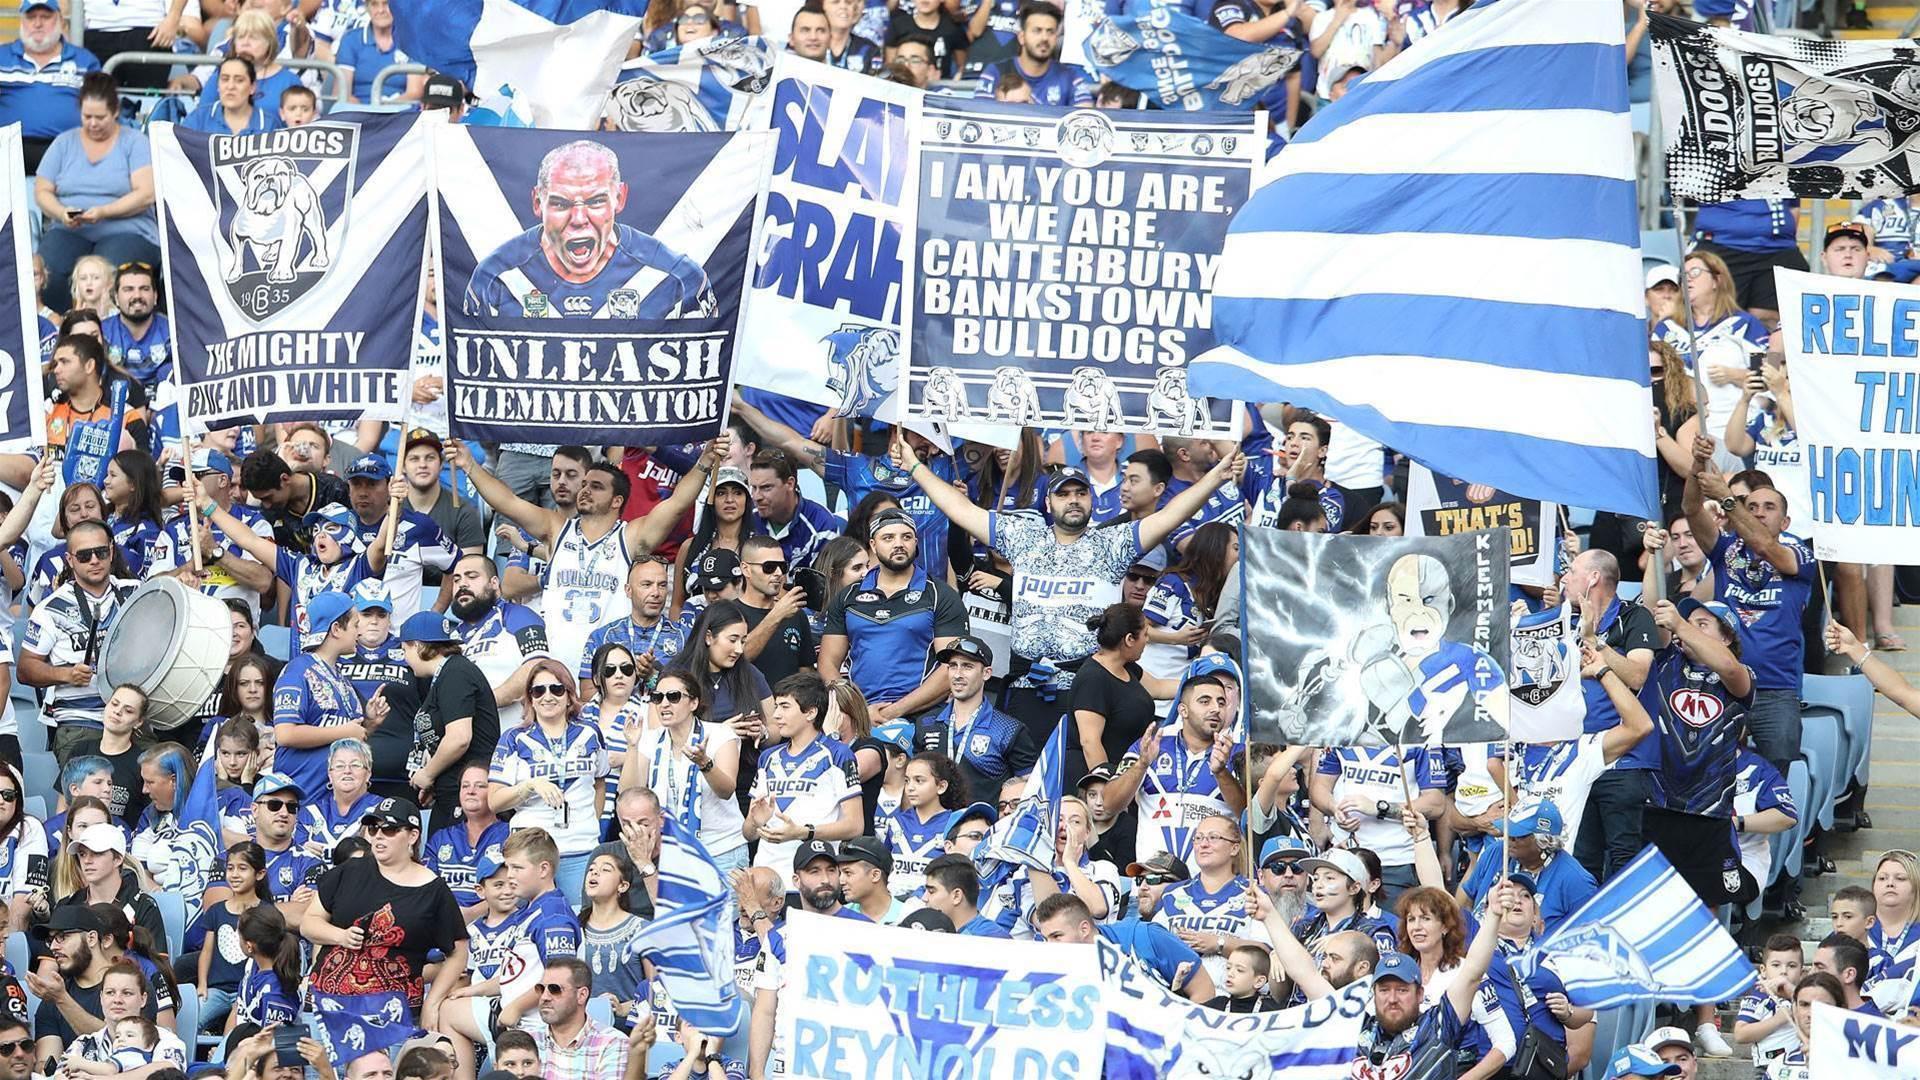 Sydney NRL fans spoilt for choice